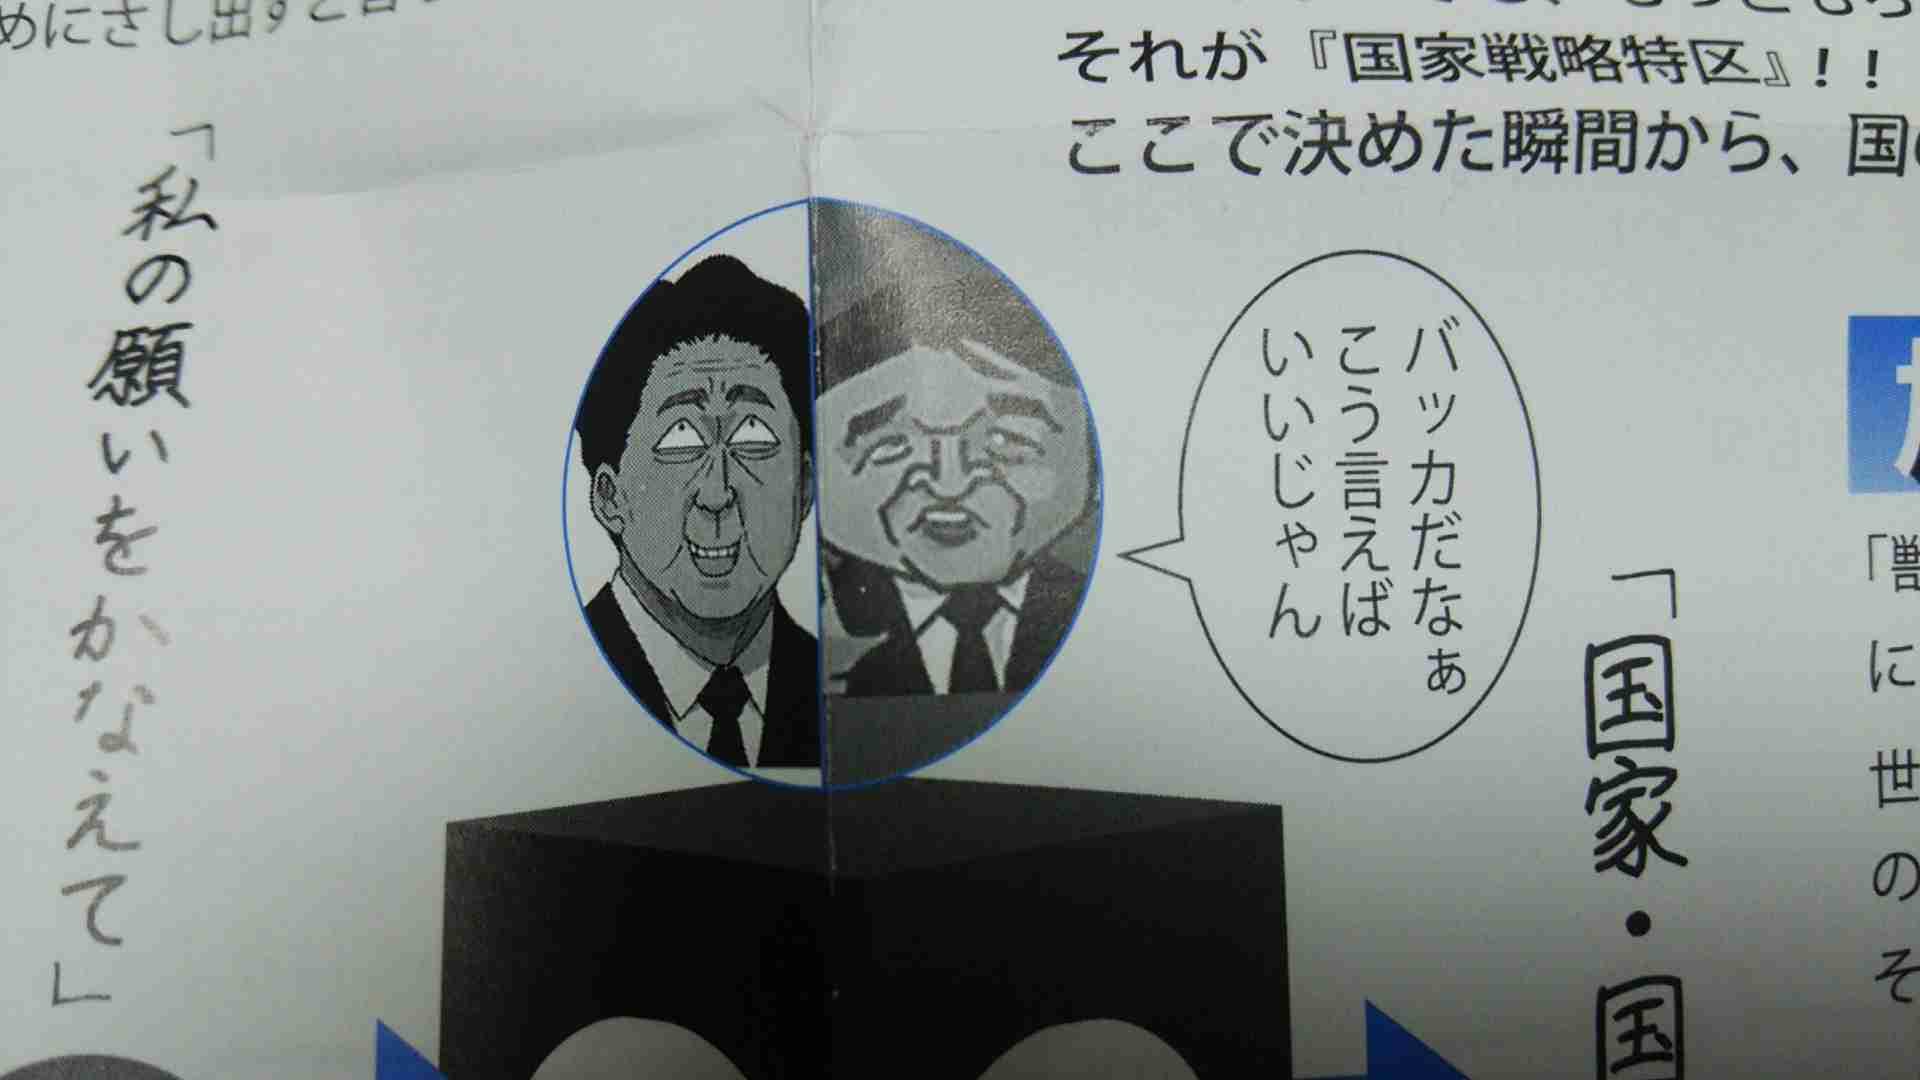 自民総裁選、石破茂氏が出馬表明 「正直、公正」を主張